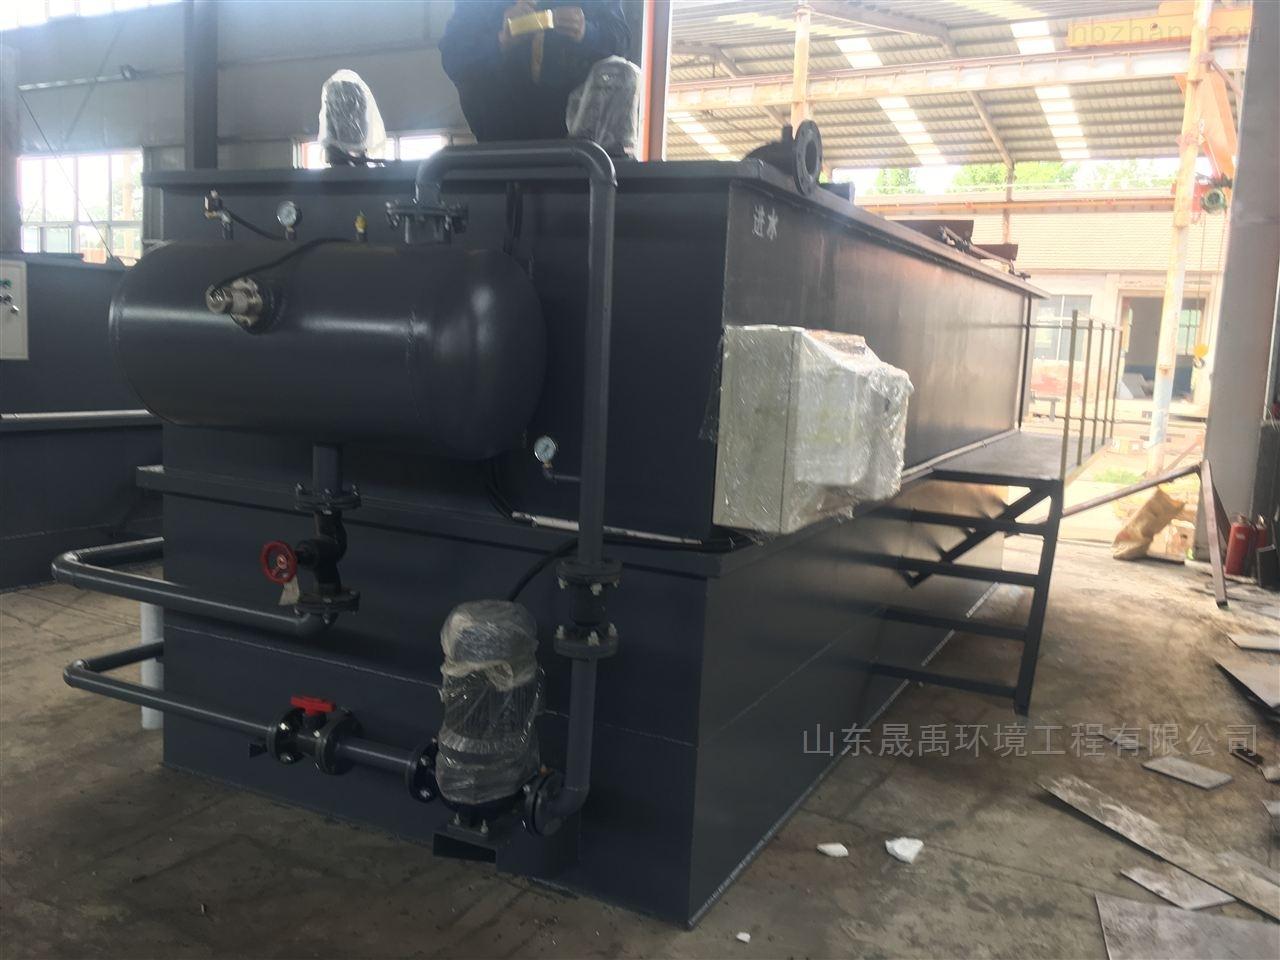 安徽 溶气气浮机工作原理图 源头生产厂家